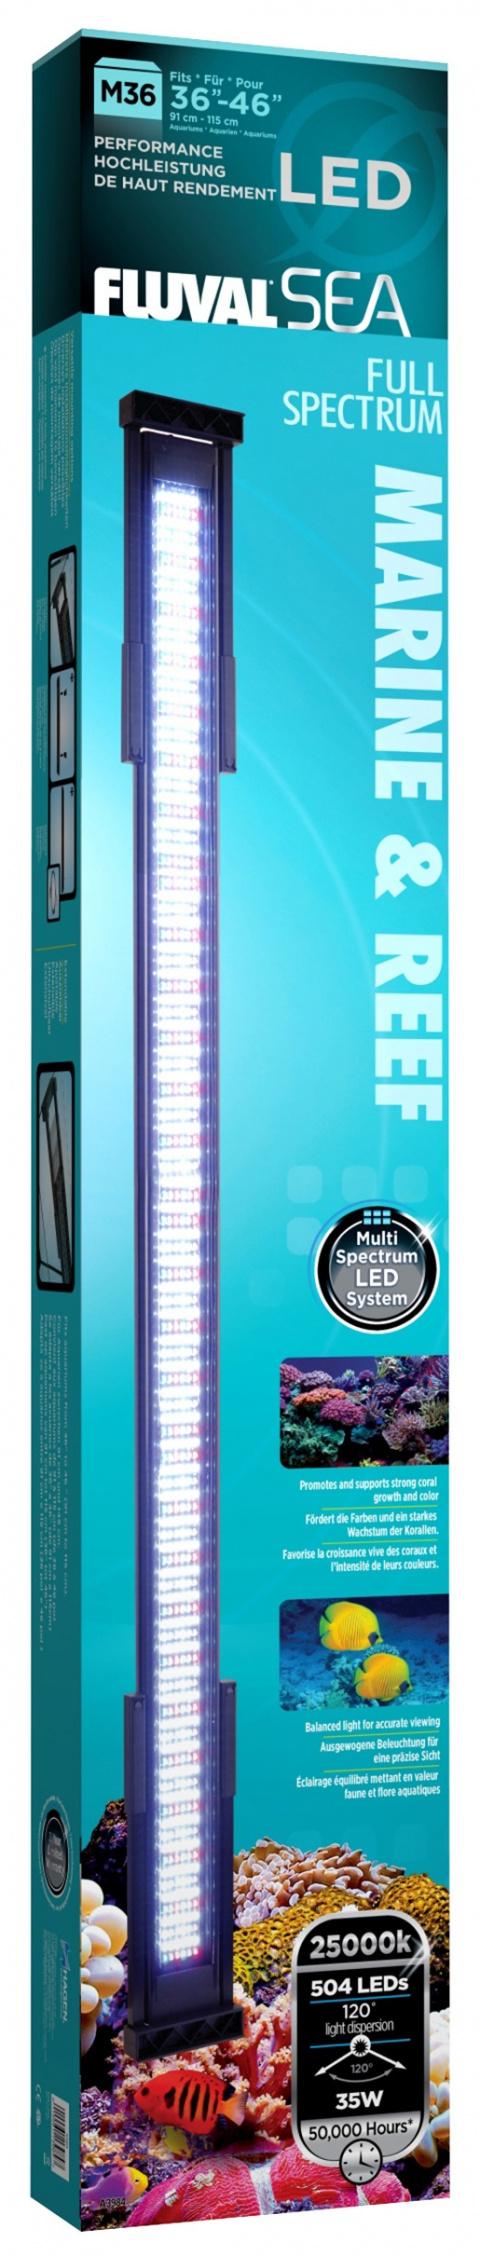 Osvětlení FLUVAL MARINE & REEF LED 91 - 115 cm 36W